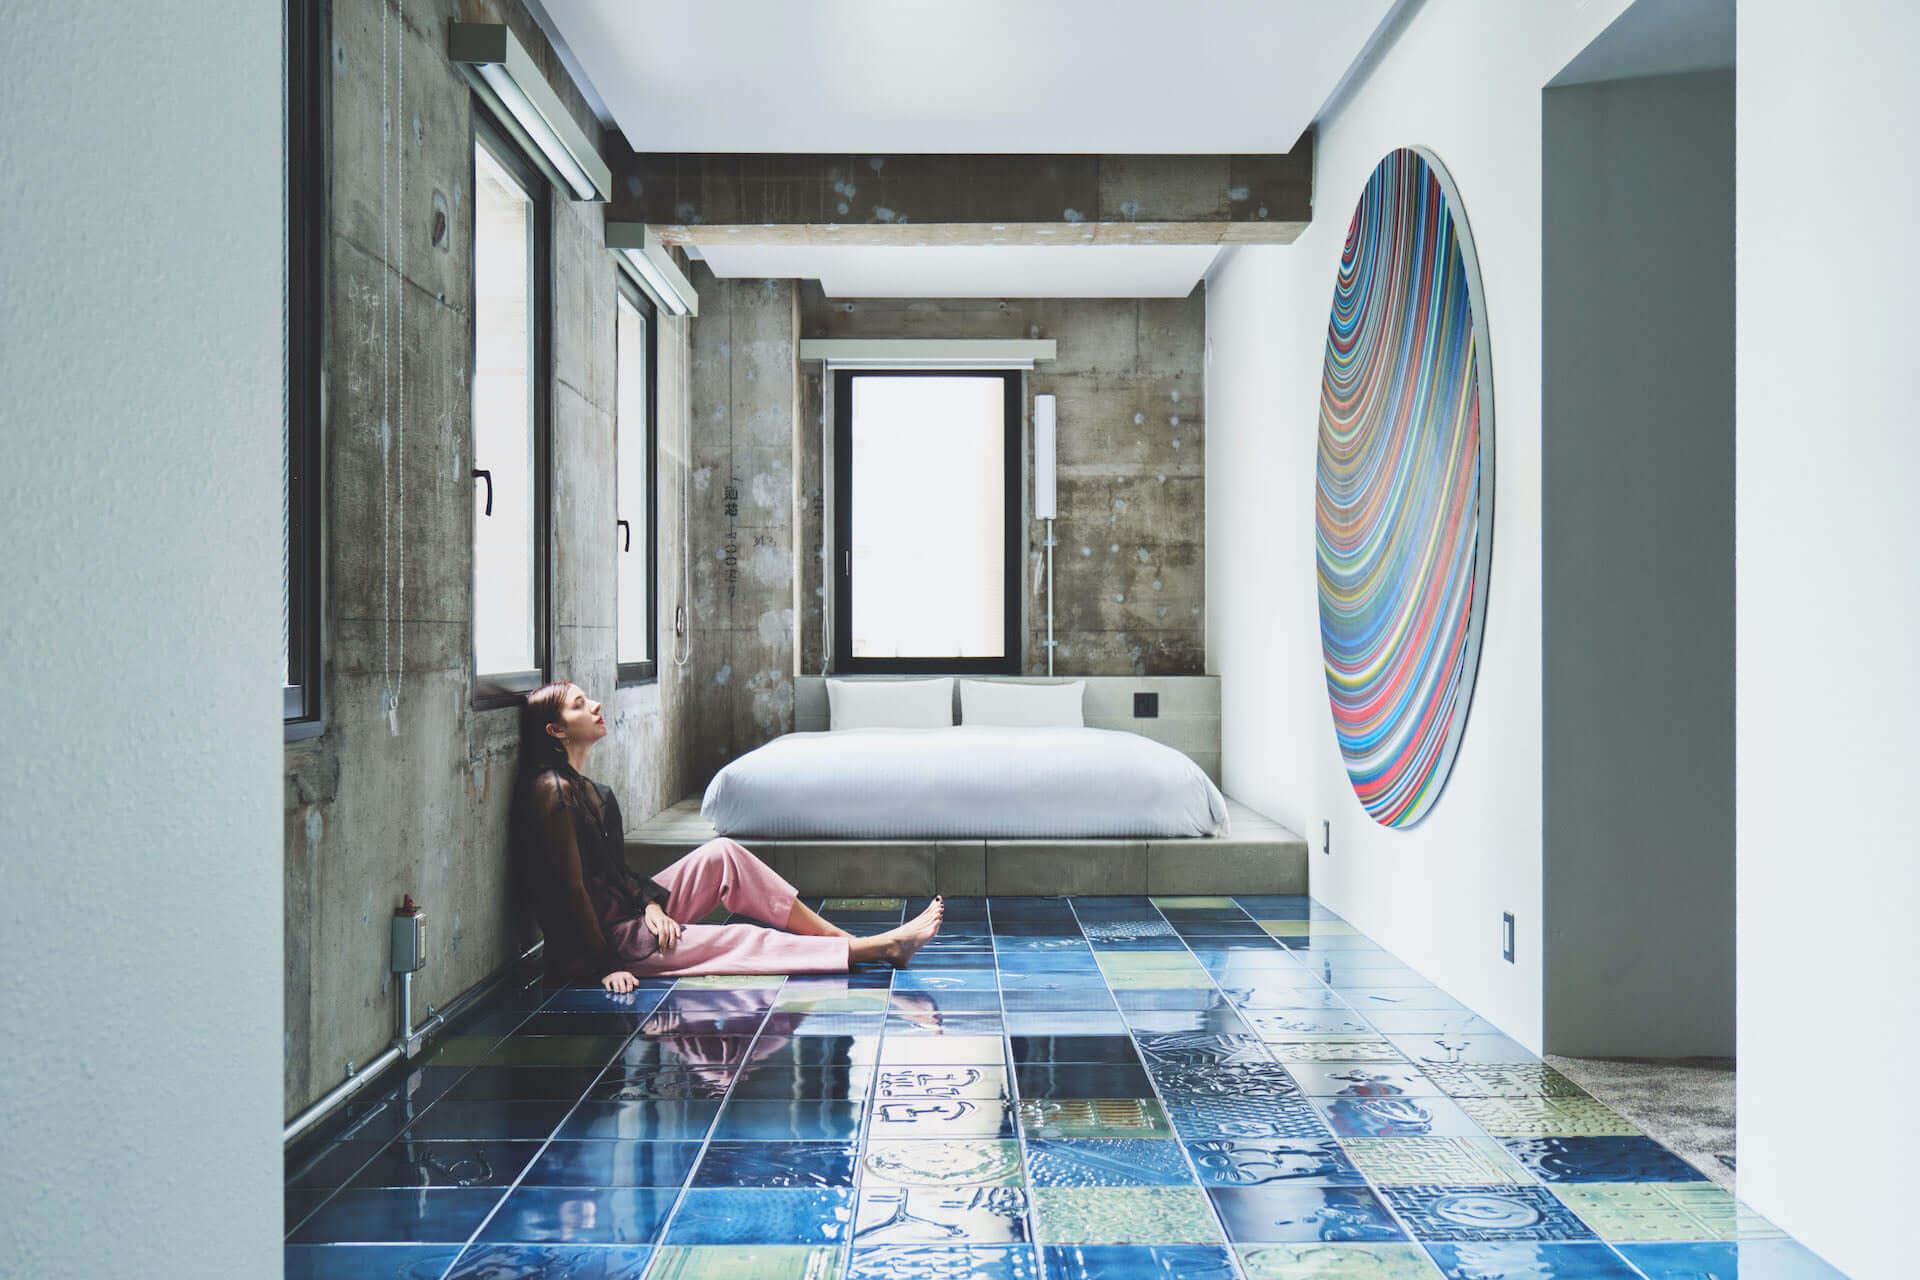 泊まれるアート作品が26部屋も!YOSHIROTTEN、カワムラユキらが参加したオルタナティブホテル「BnA_WALL」が日本橋にプレオープン lf201203_bna-wall_13-1920x1280